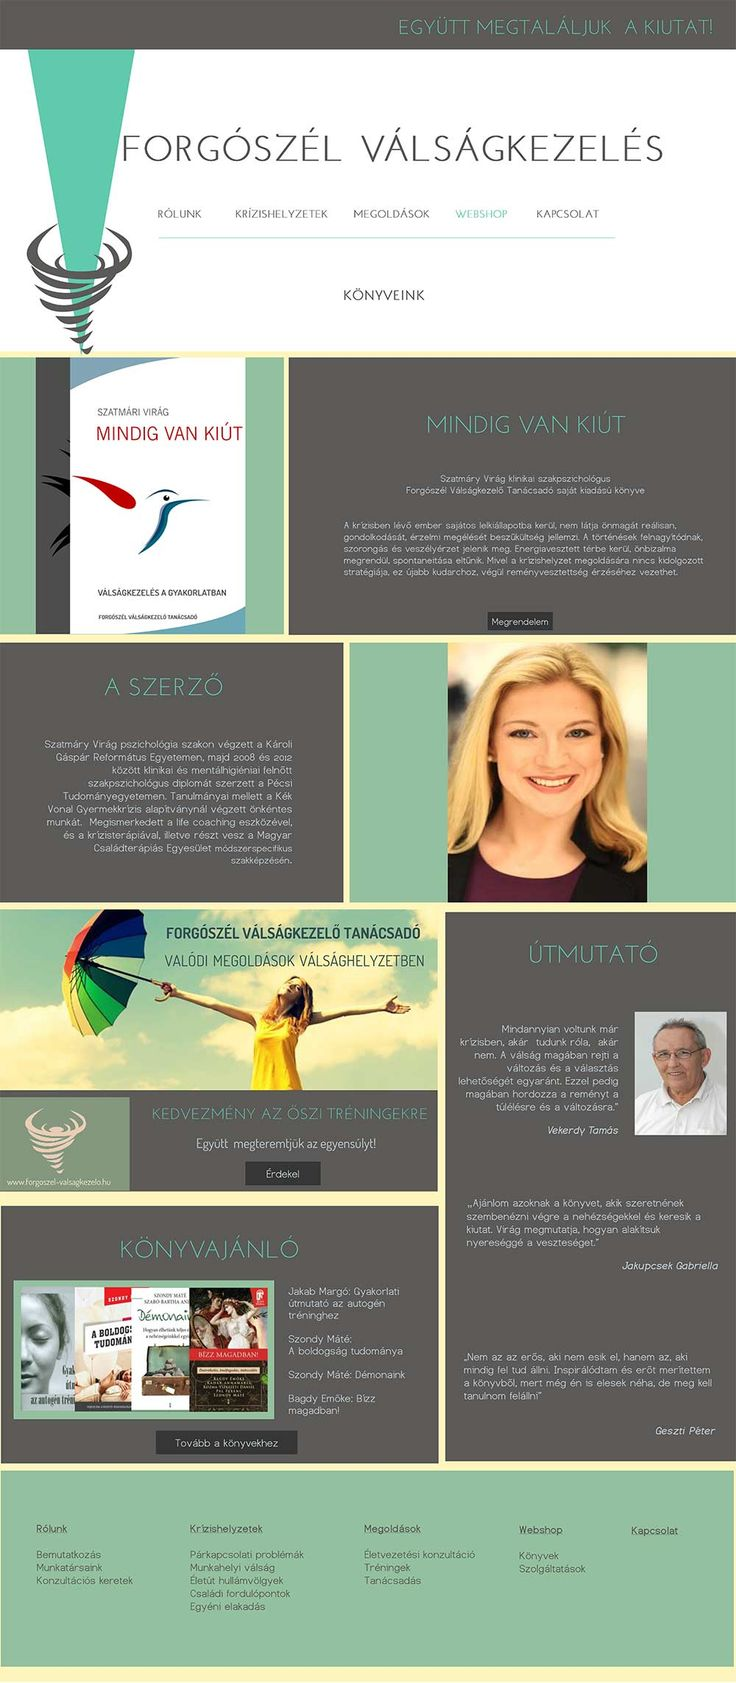 Szunyogh Krisztina Forgószél tanácsadó honlapja | Kreatív Webdesign Tanfolyam